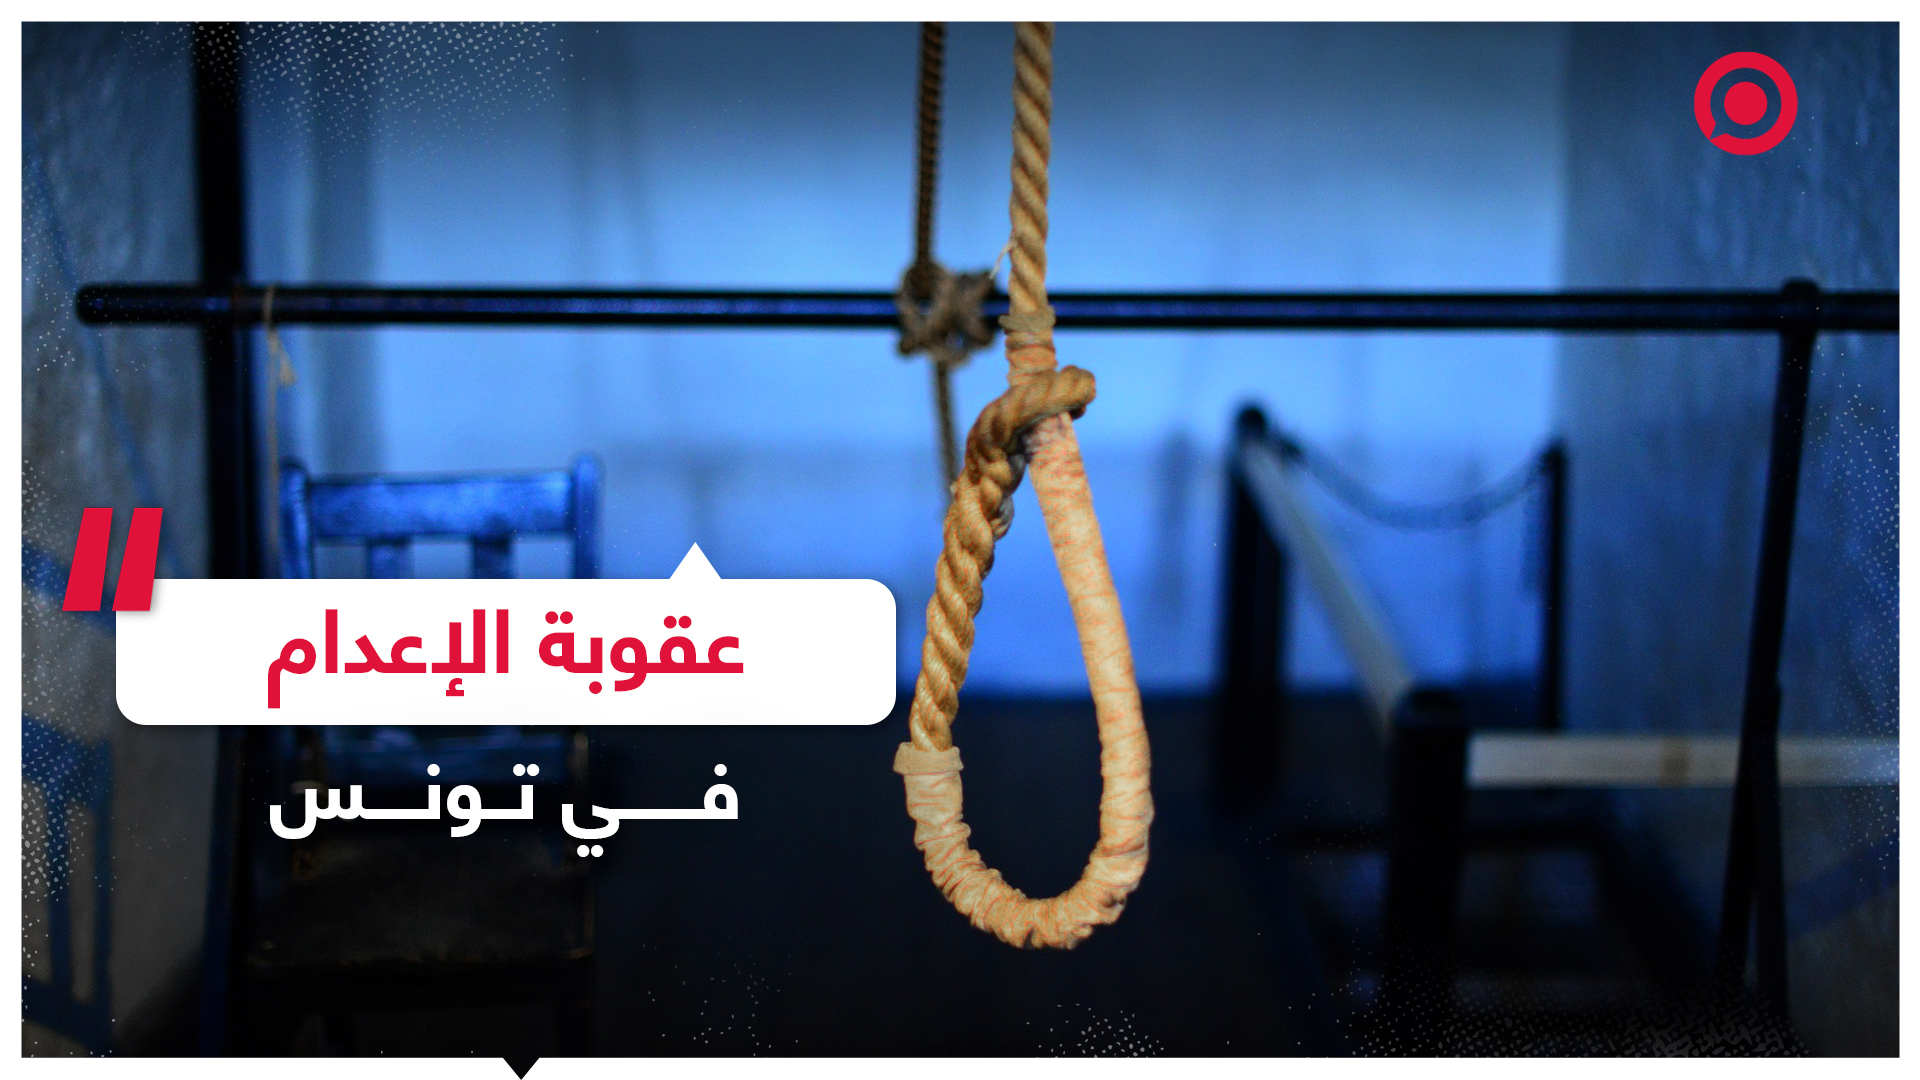 قيس سعيد: من قتل نفسا بغير حق جزاؤه الإعدام